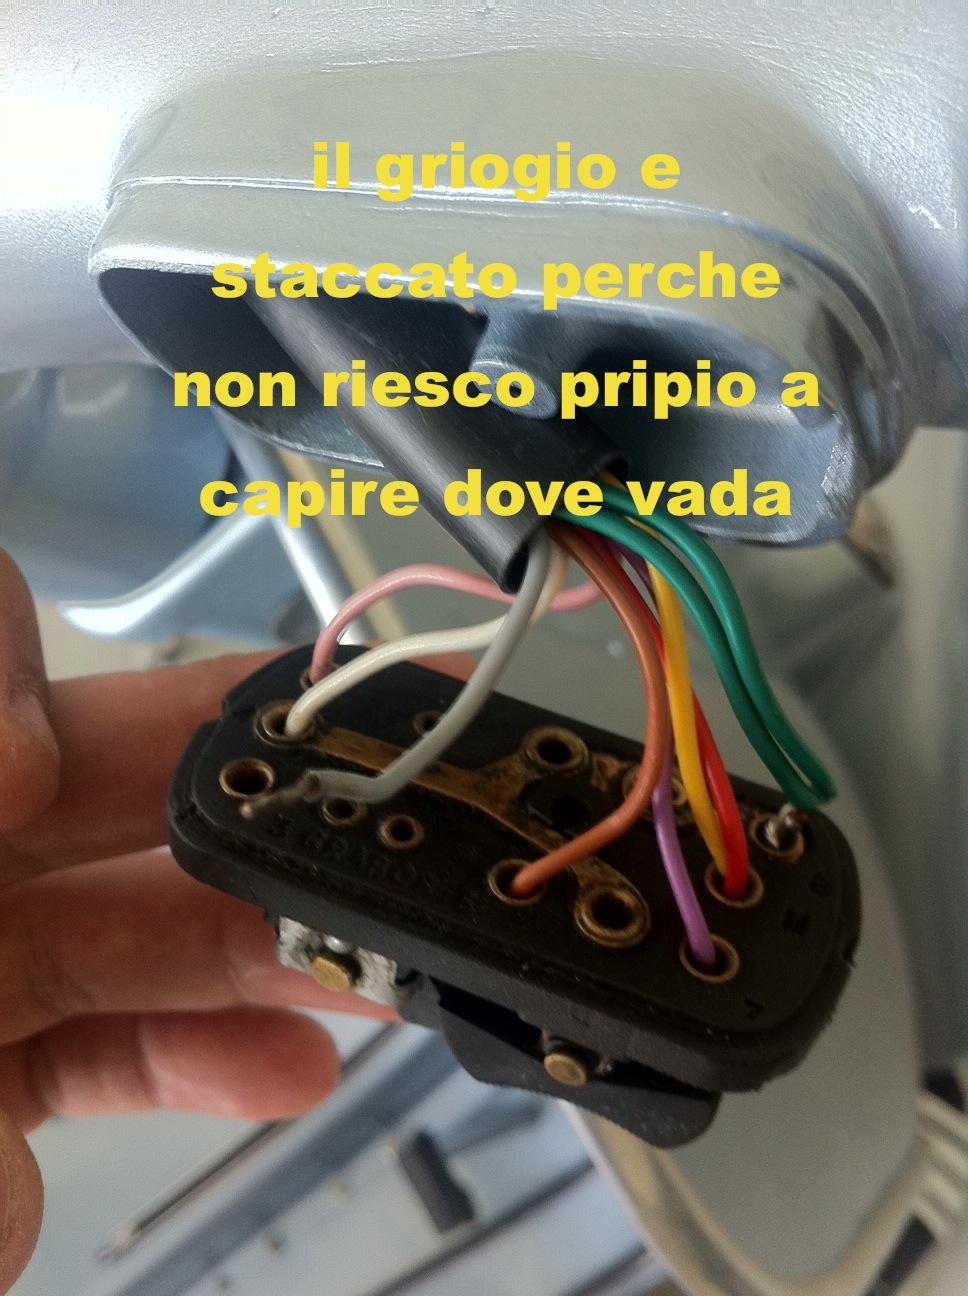 Schema Elettrico Et3 : Forum vespa piaggio vespaforum e mercatino di